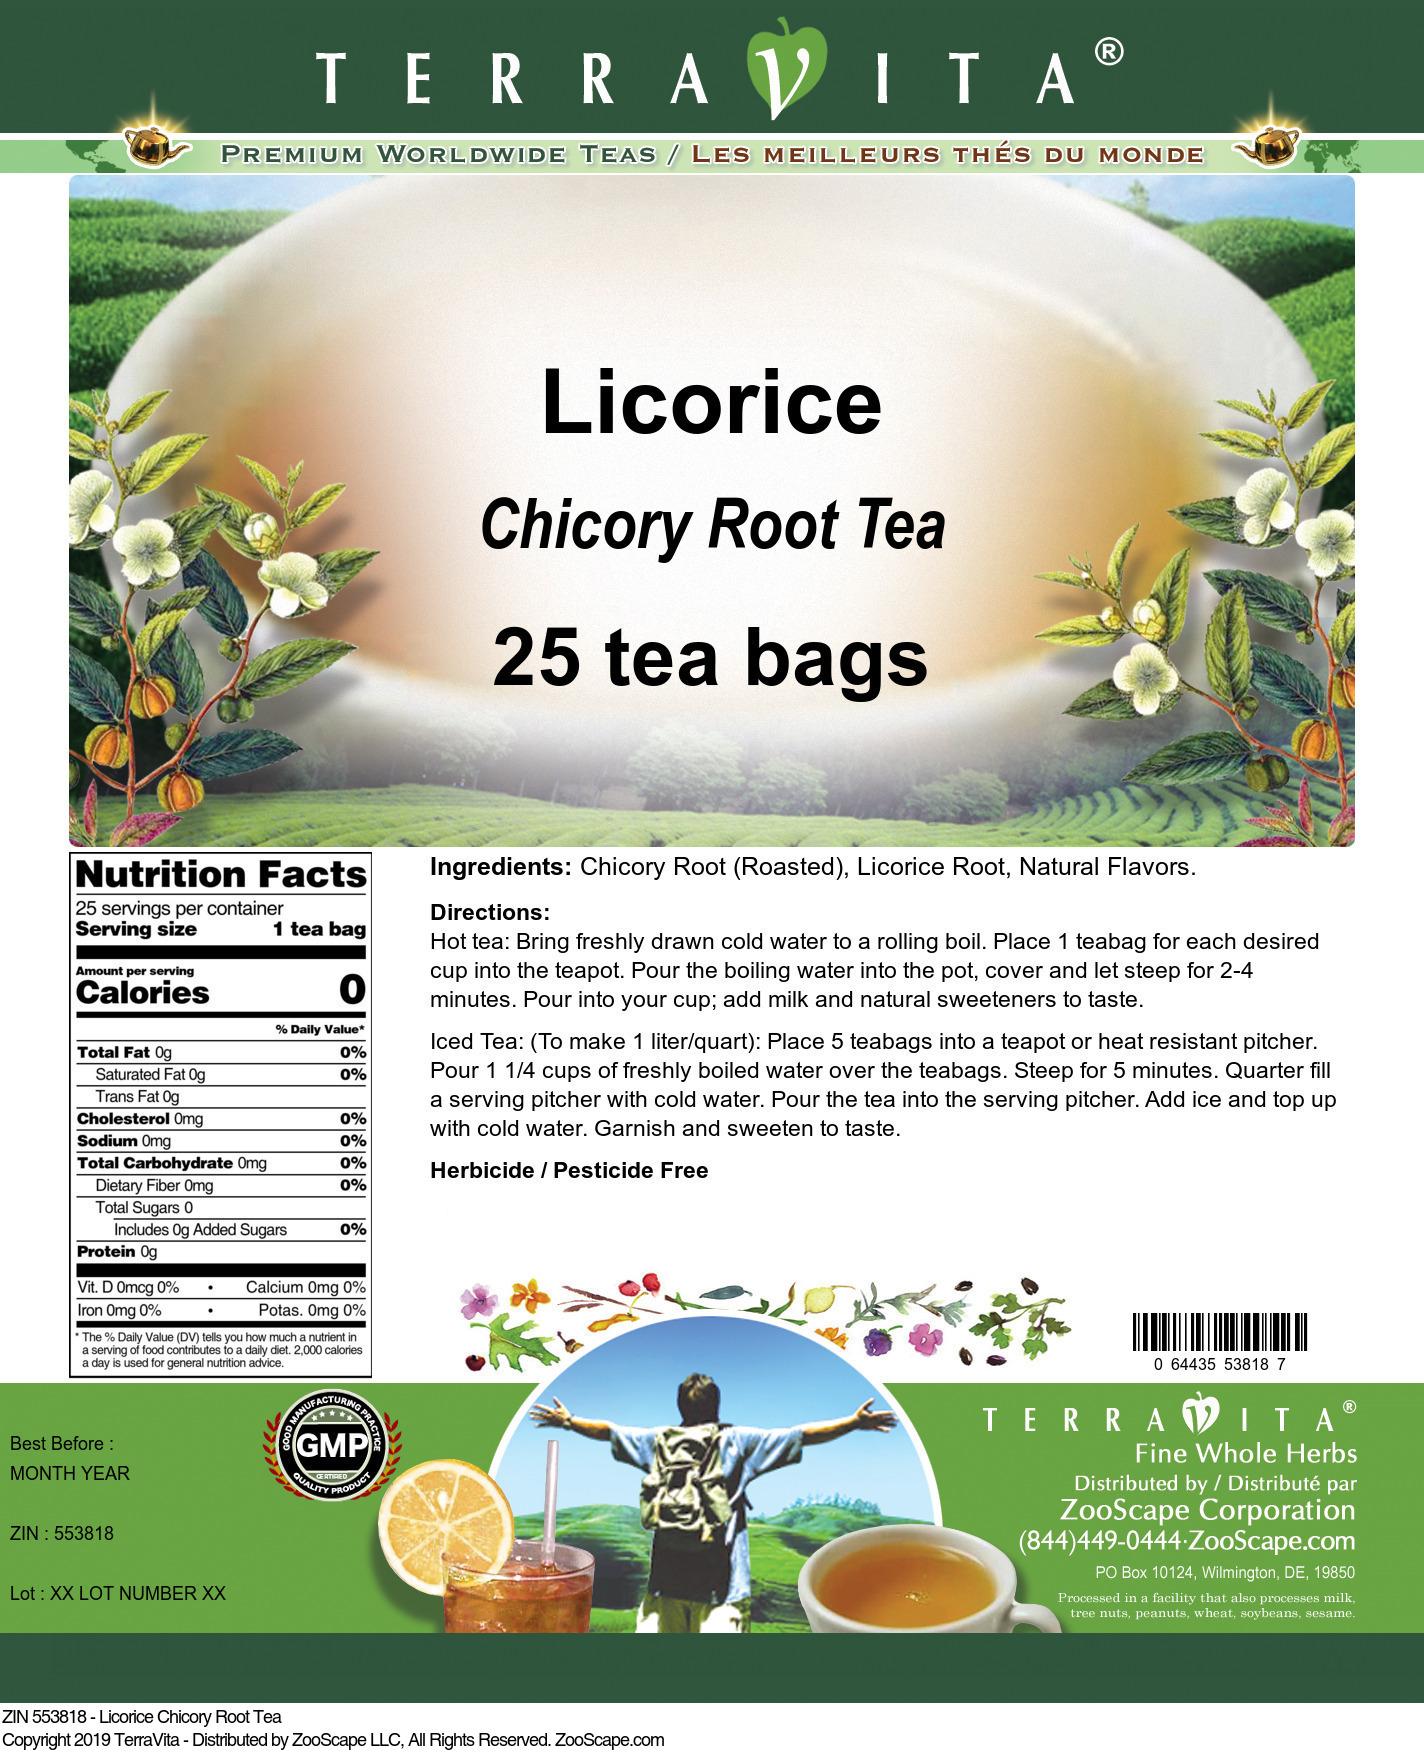 Licorice Chicory Root